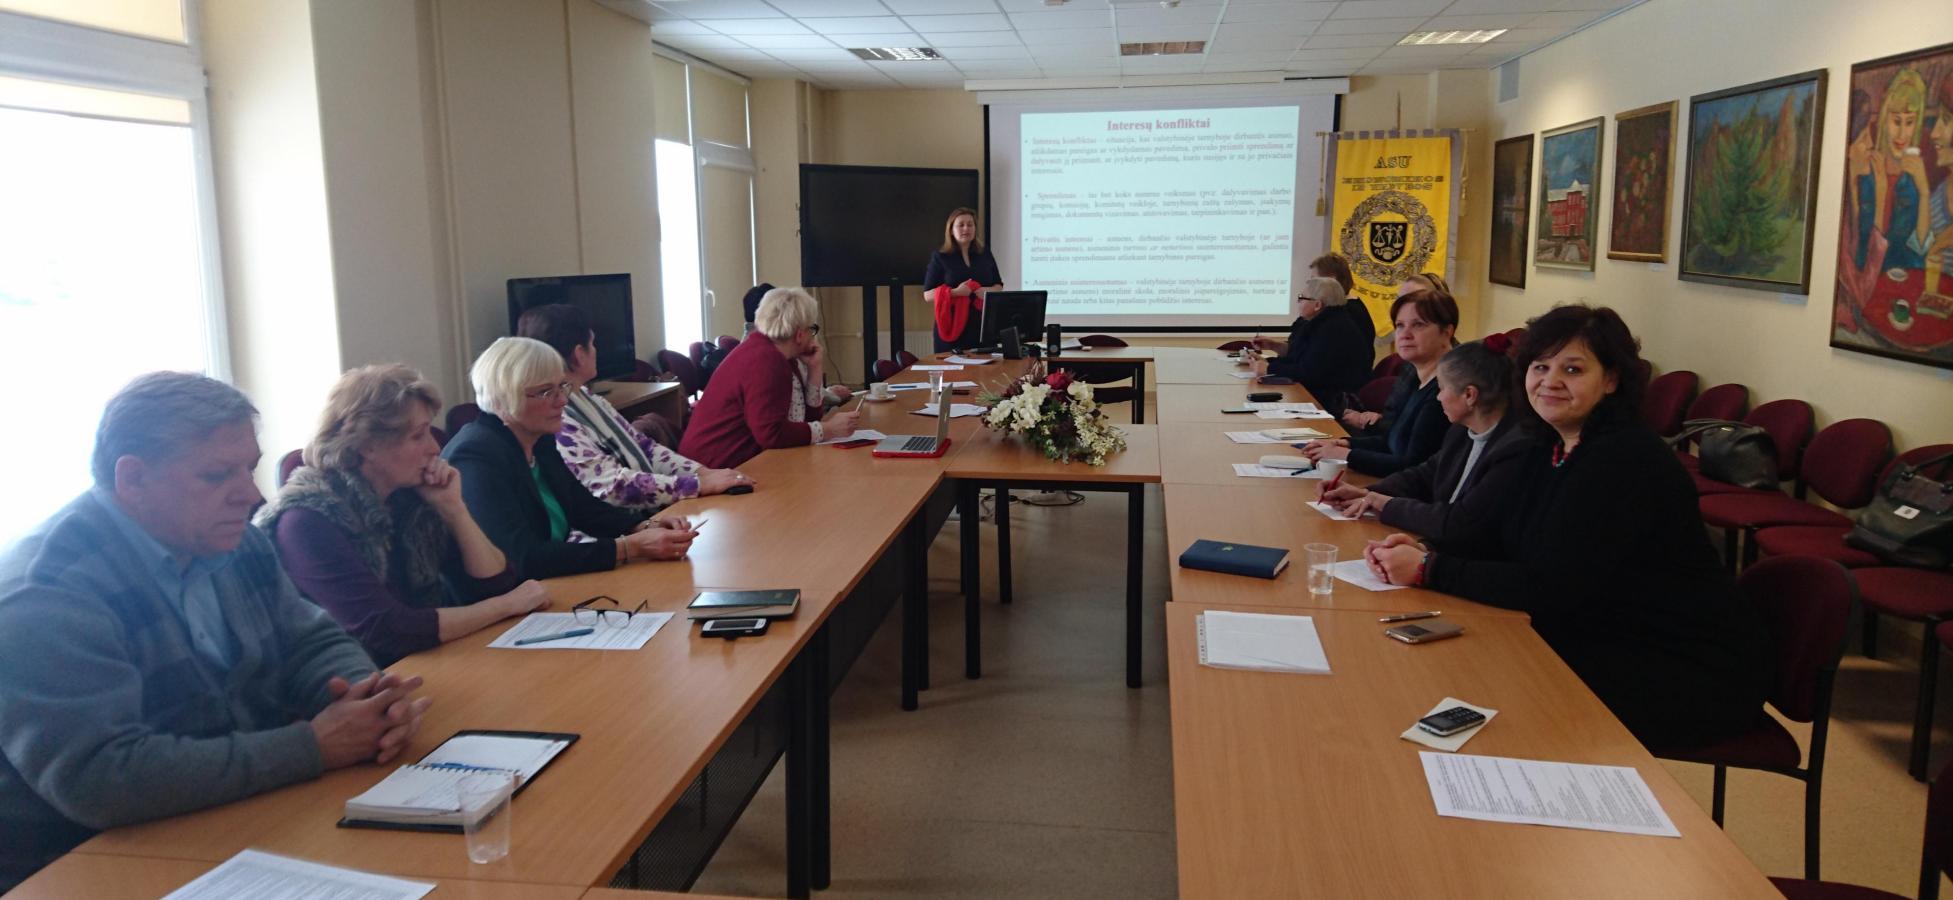 Viešųjų ir privačiųjų interesų derinimas vietos bendruomenėse – pirmasis seminaras Kaune